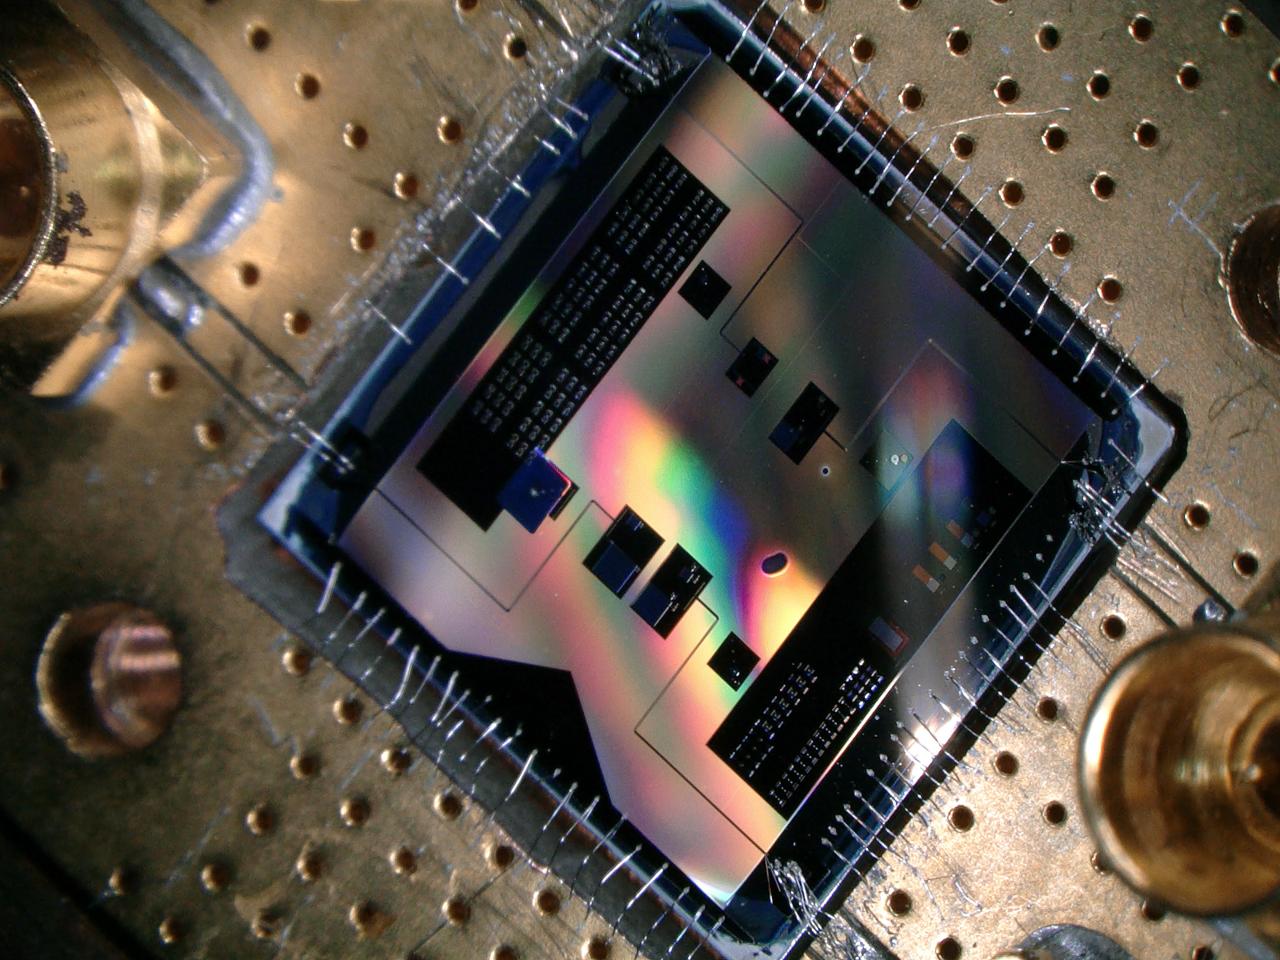 Este chip cuántico (1x1 cm) permite a los investigadores escuchar la señal de radio más débil permitida por la mecánica cuántica. Imagen: Delft University of Technology.